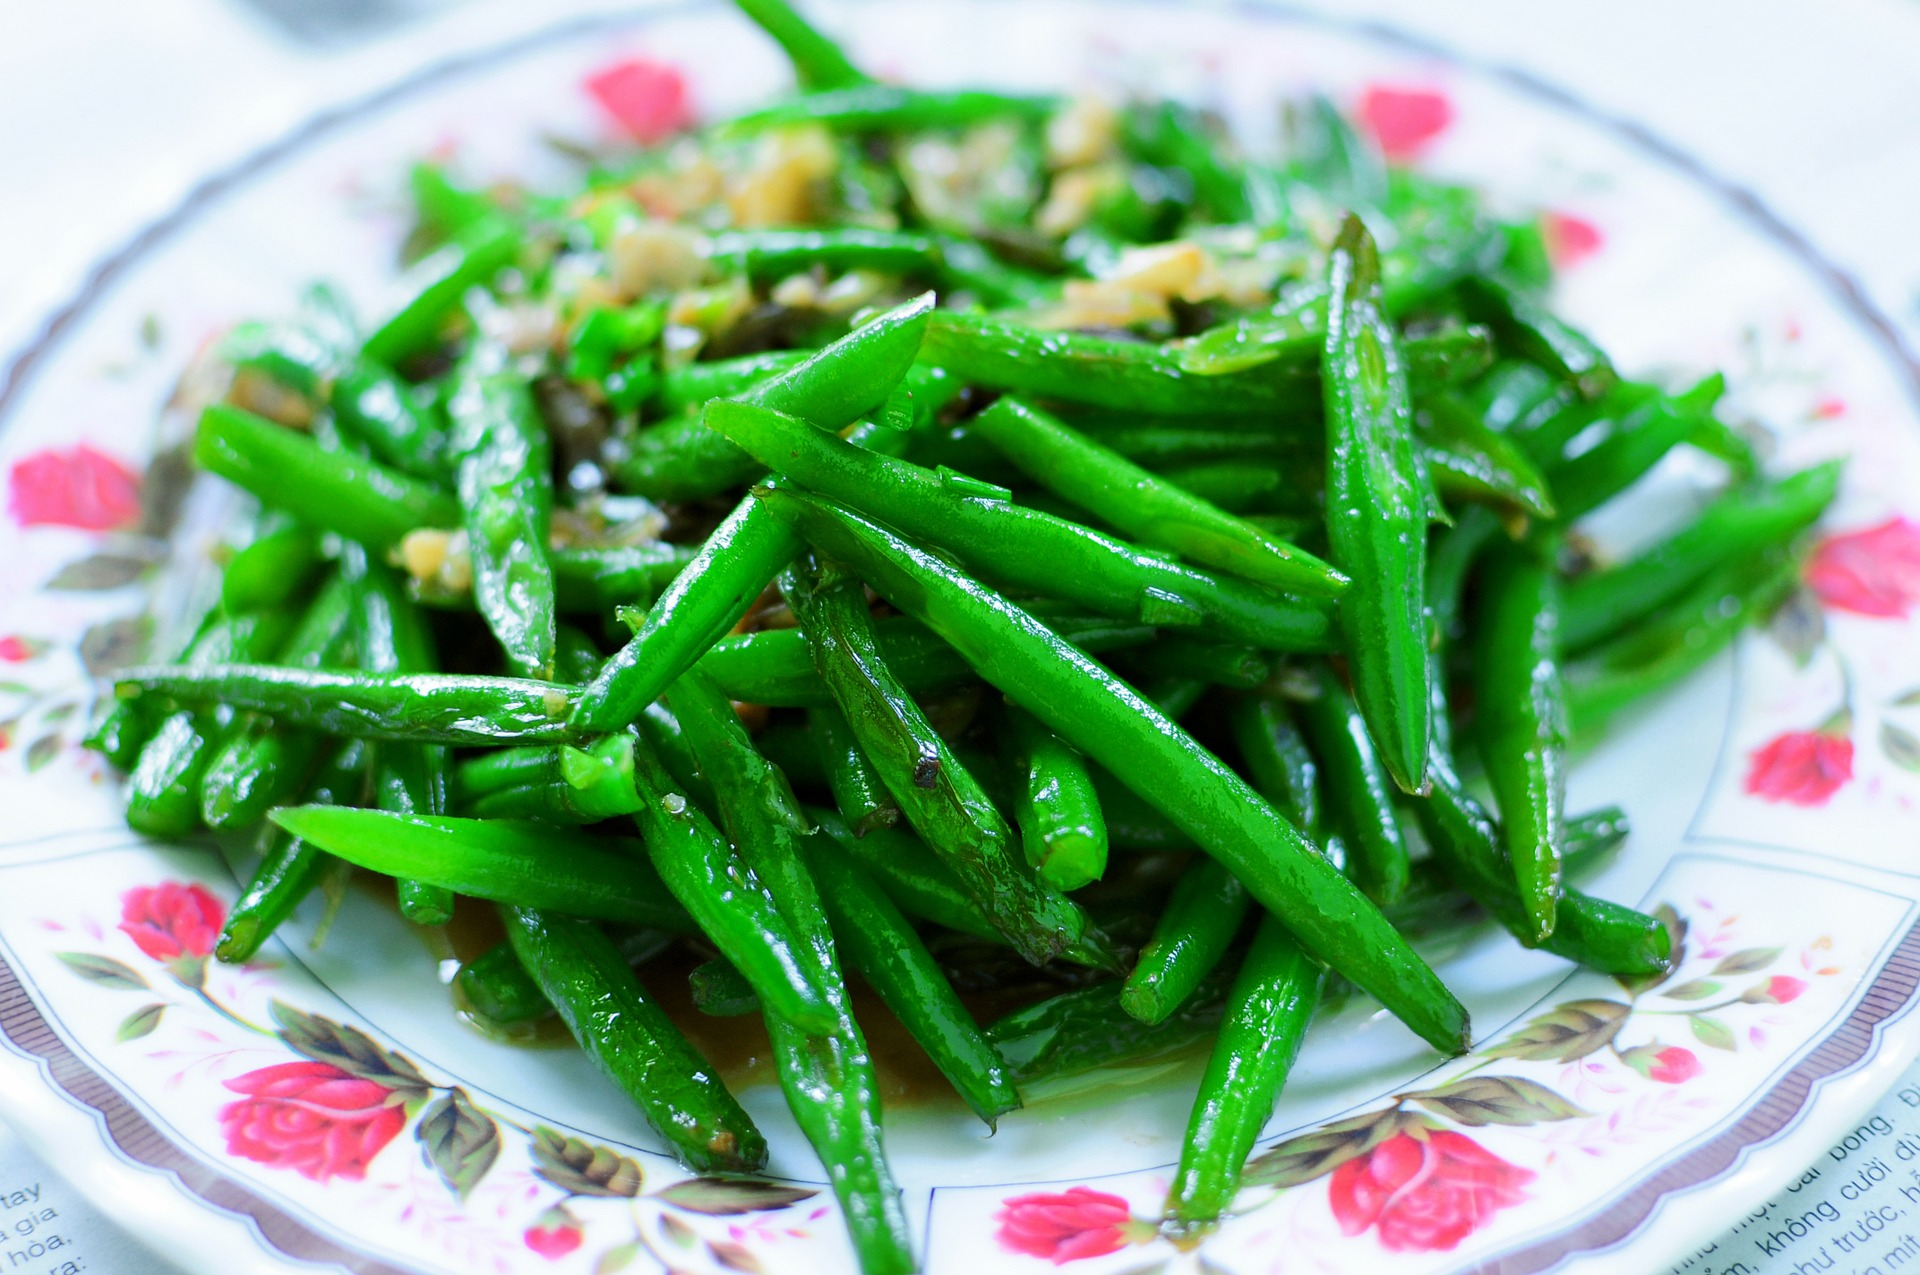 green-bean-1443290_1920.jpg